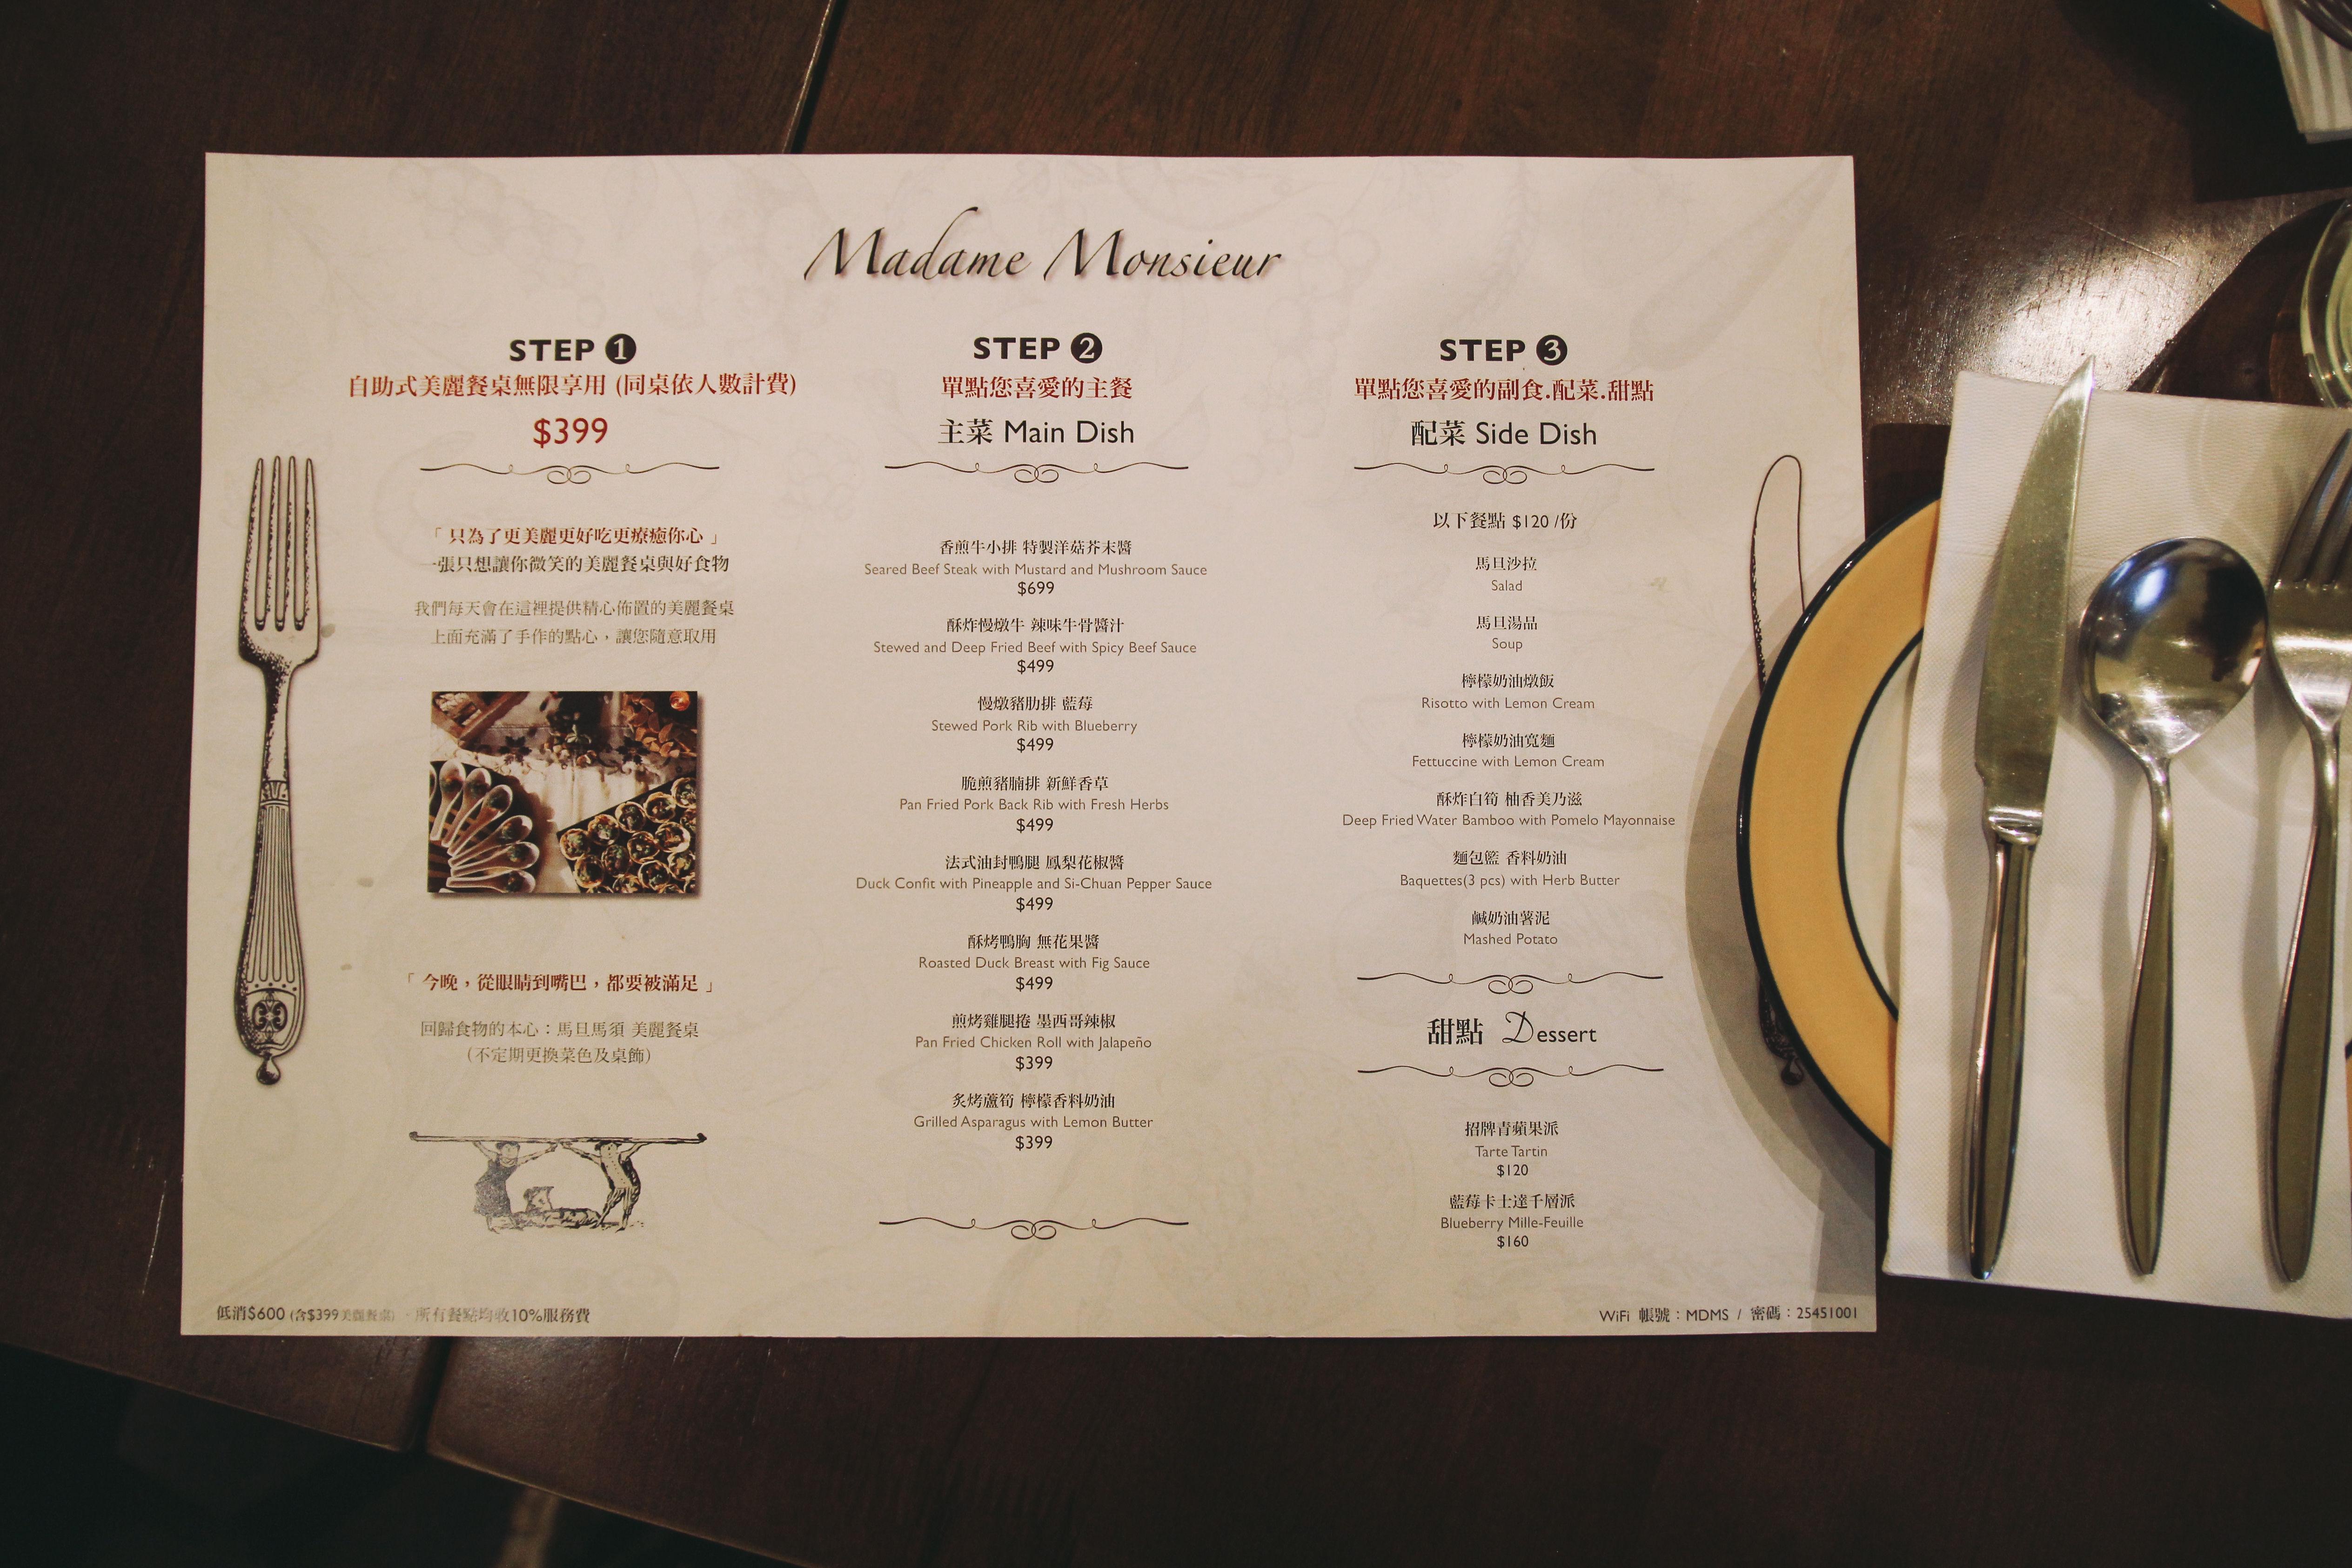 馬旦馬須美麗餐桌_試營運菜單